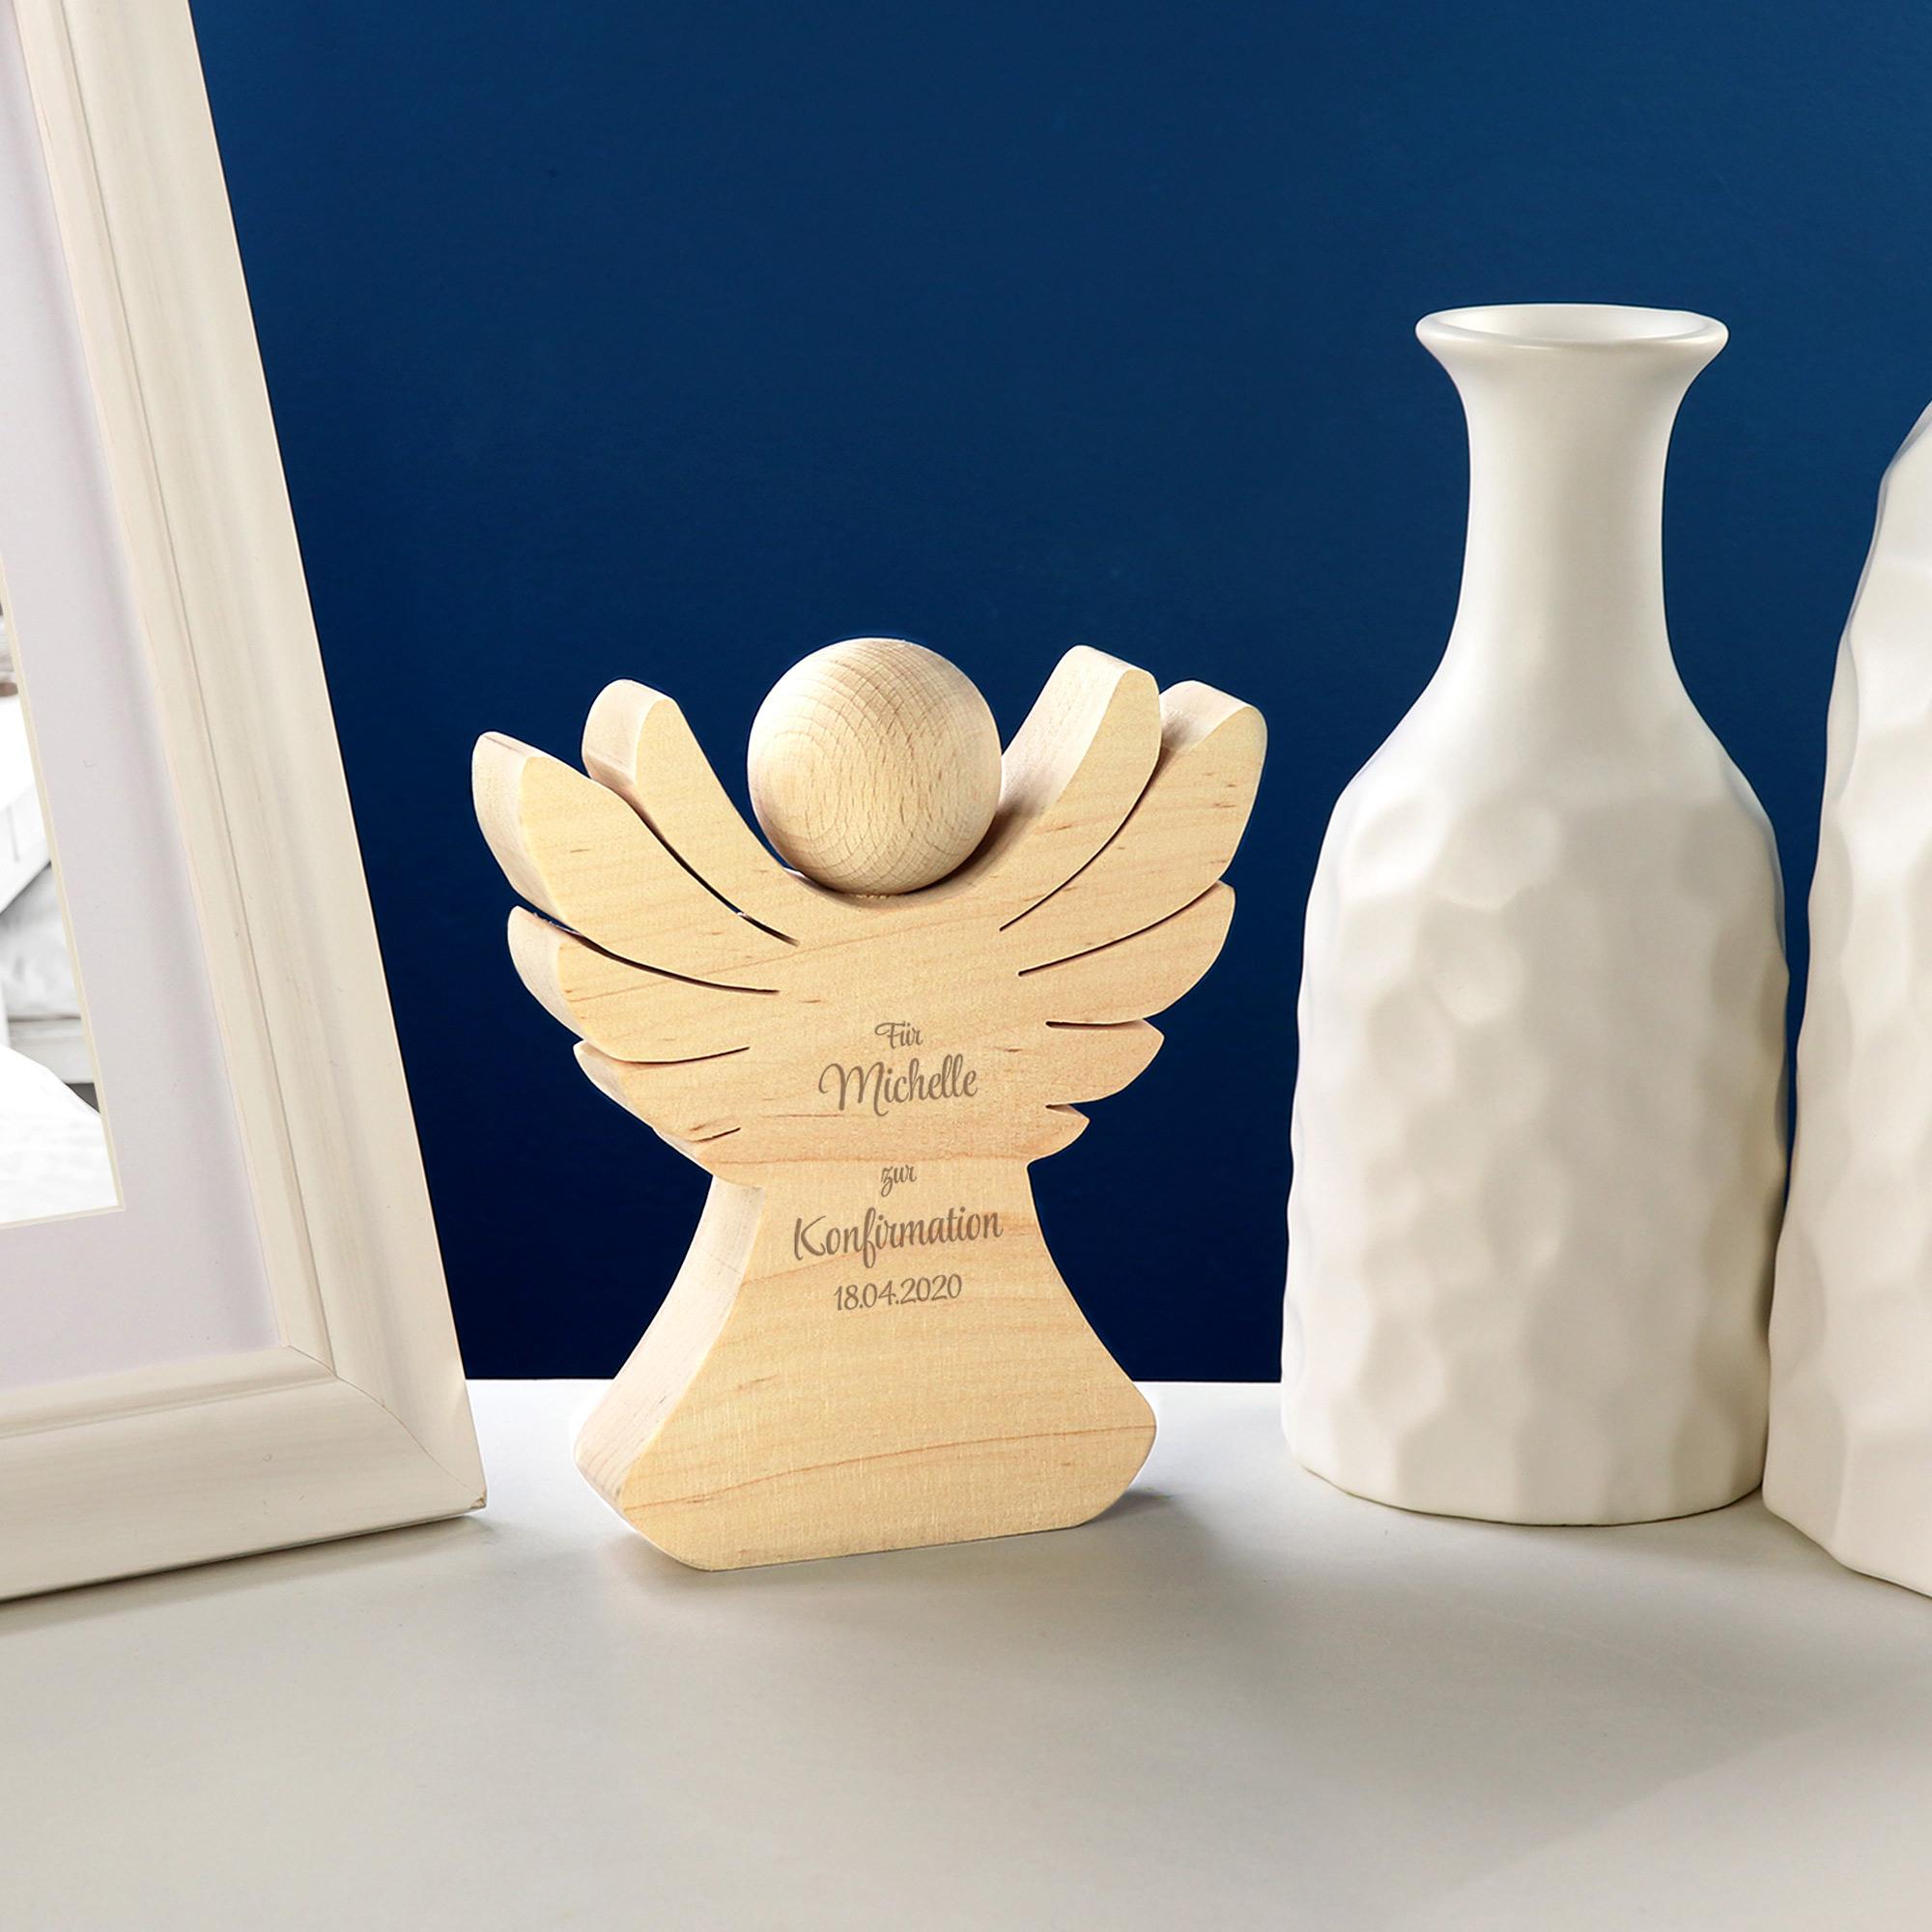 Engel aus Holz mit Gravur zur Konfirmation - Personalisiert